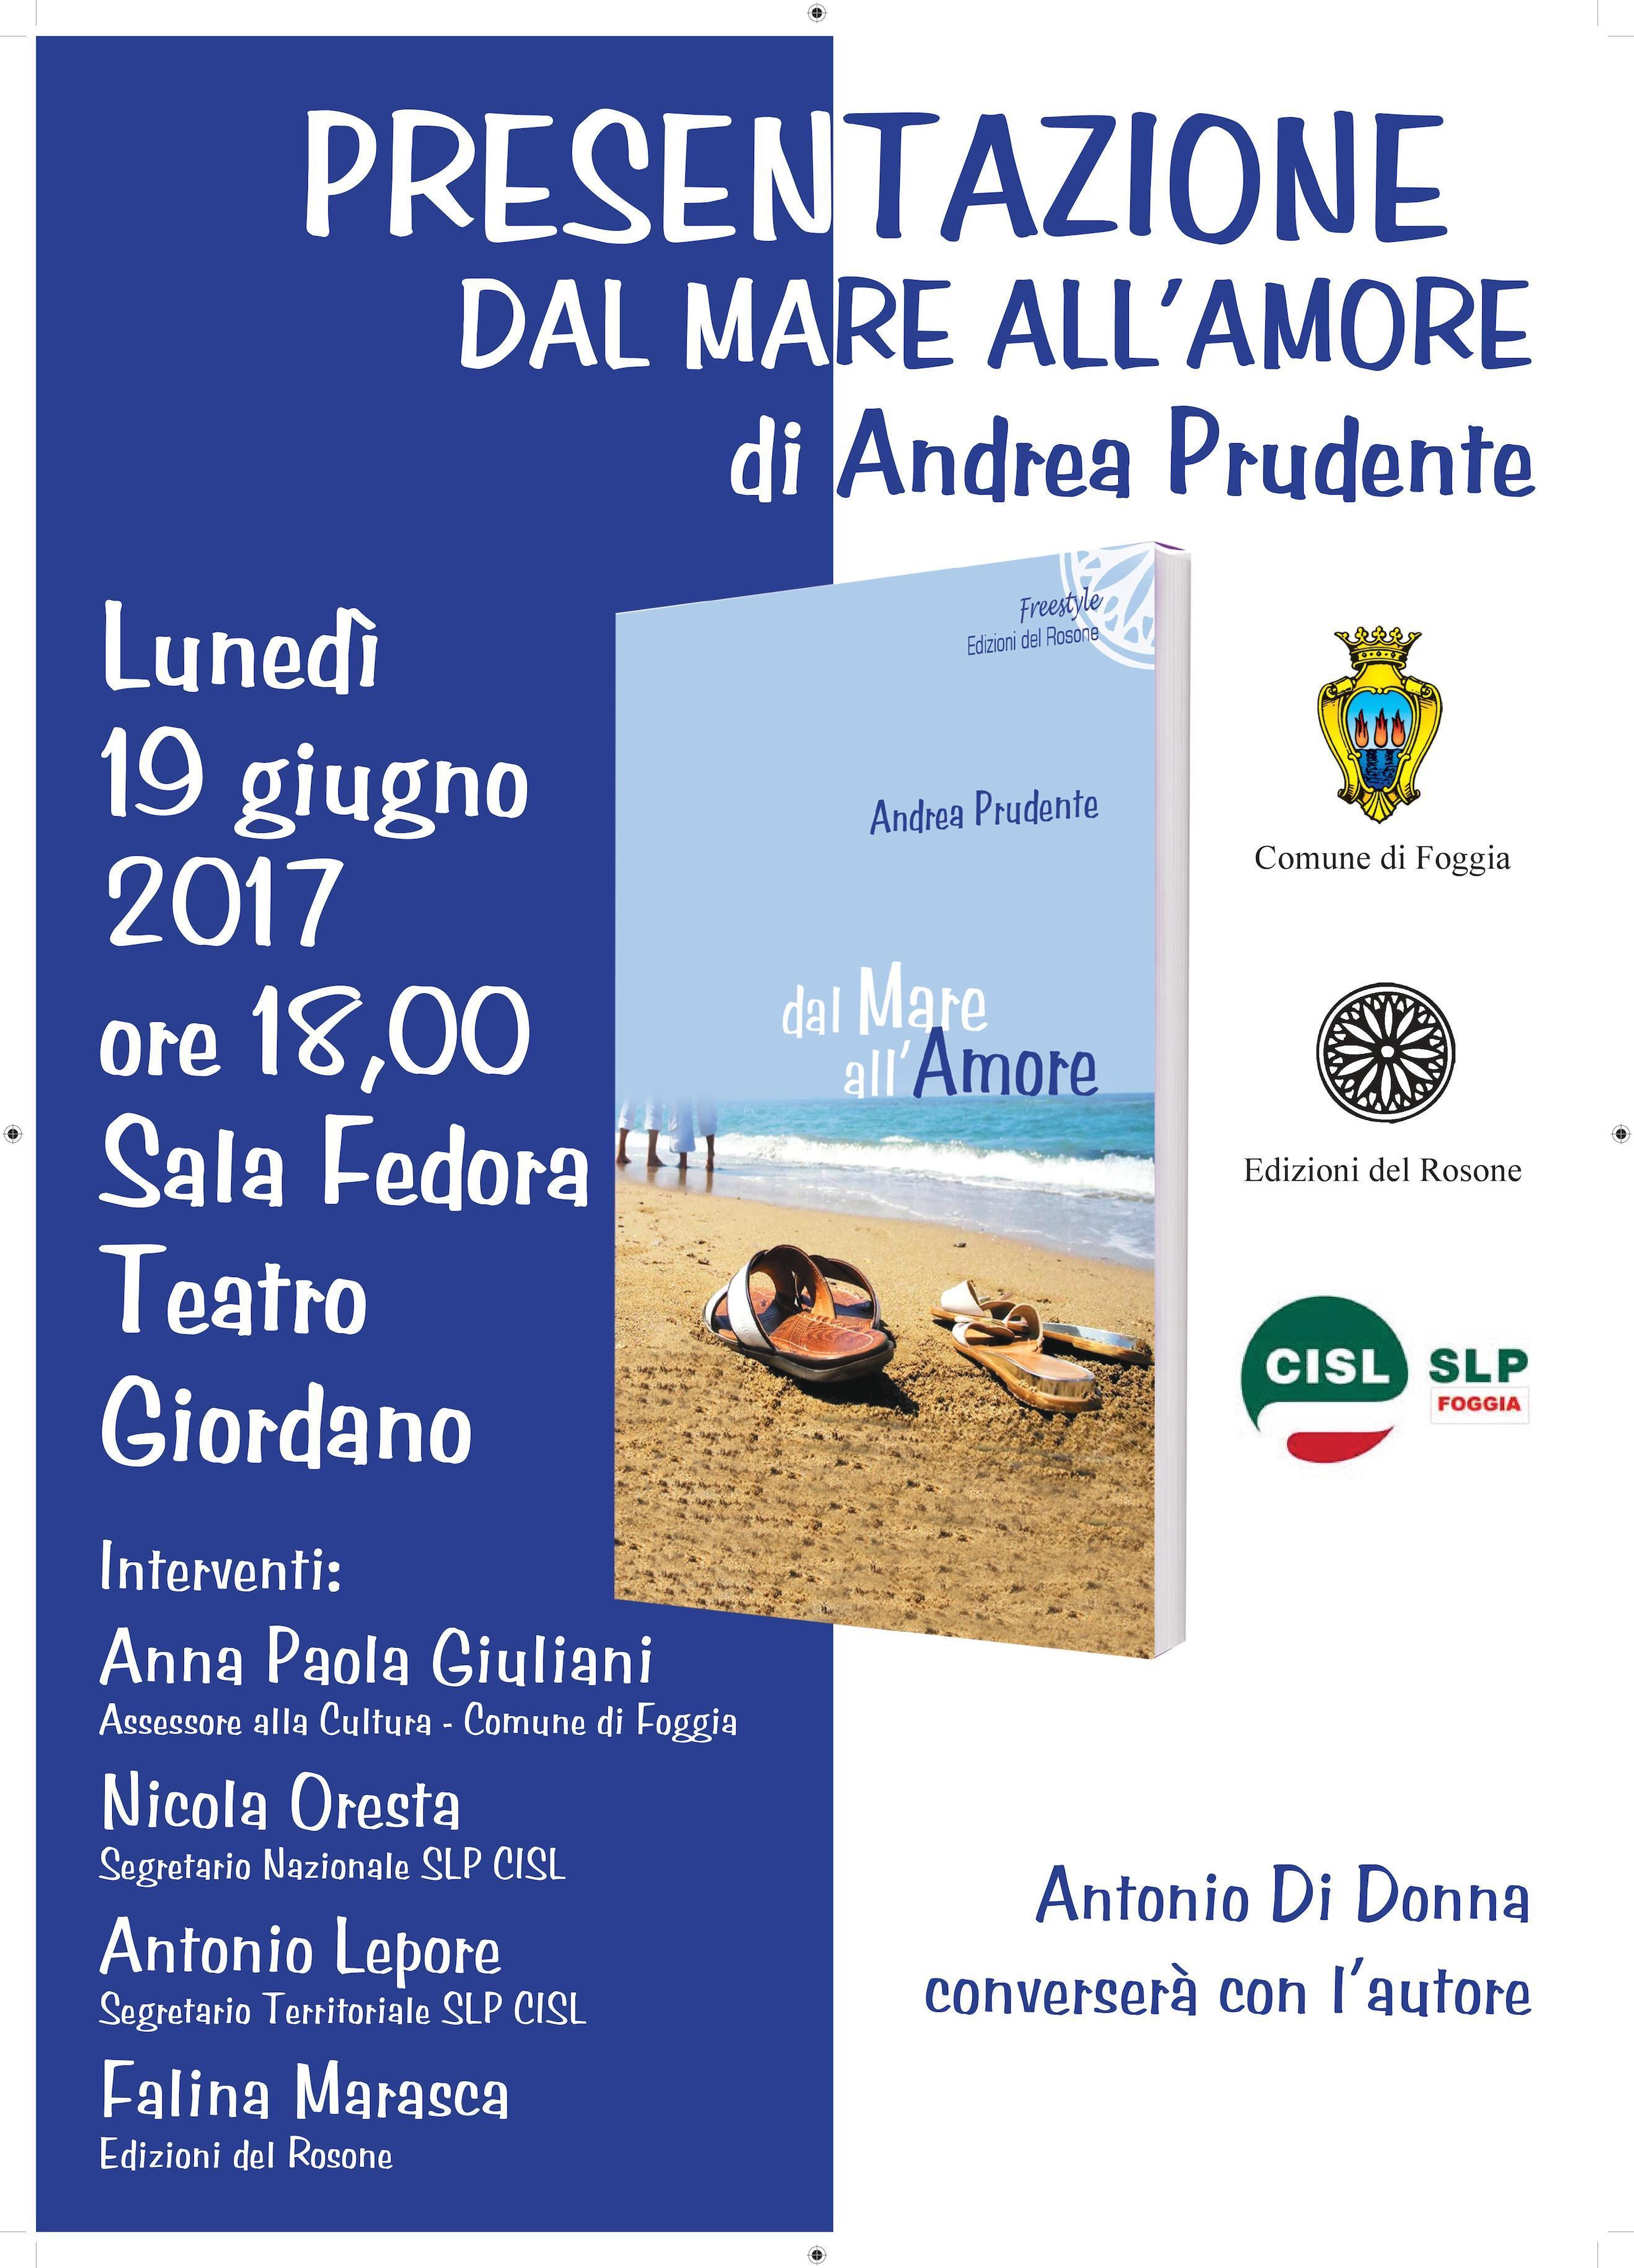 Dal Mare all amore teatro Giordano Foggia presentazione ...